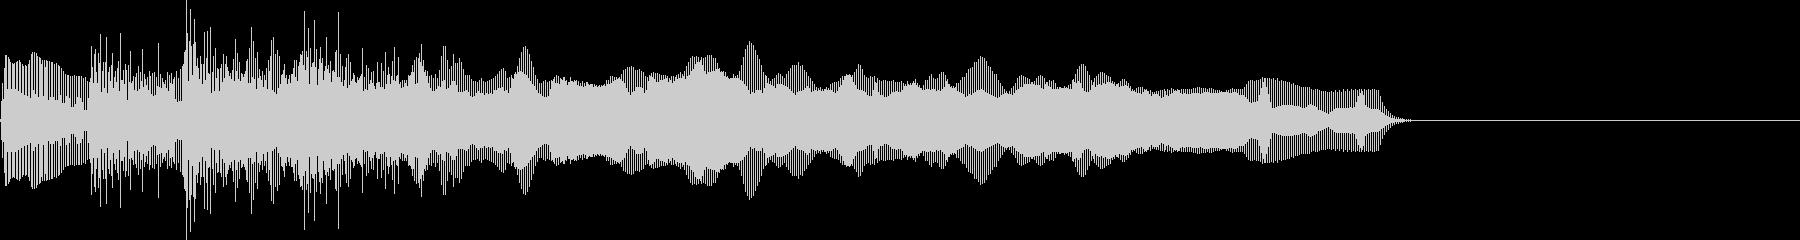 お馴染みのインパクト音!レゲエホーン4回の未再生の波形